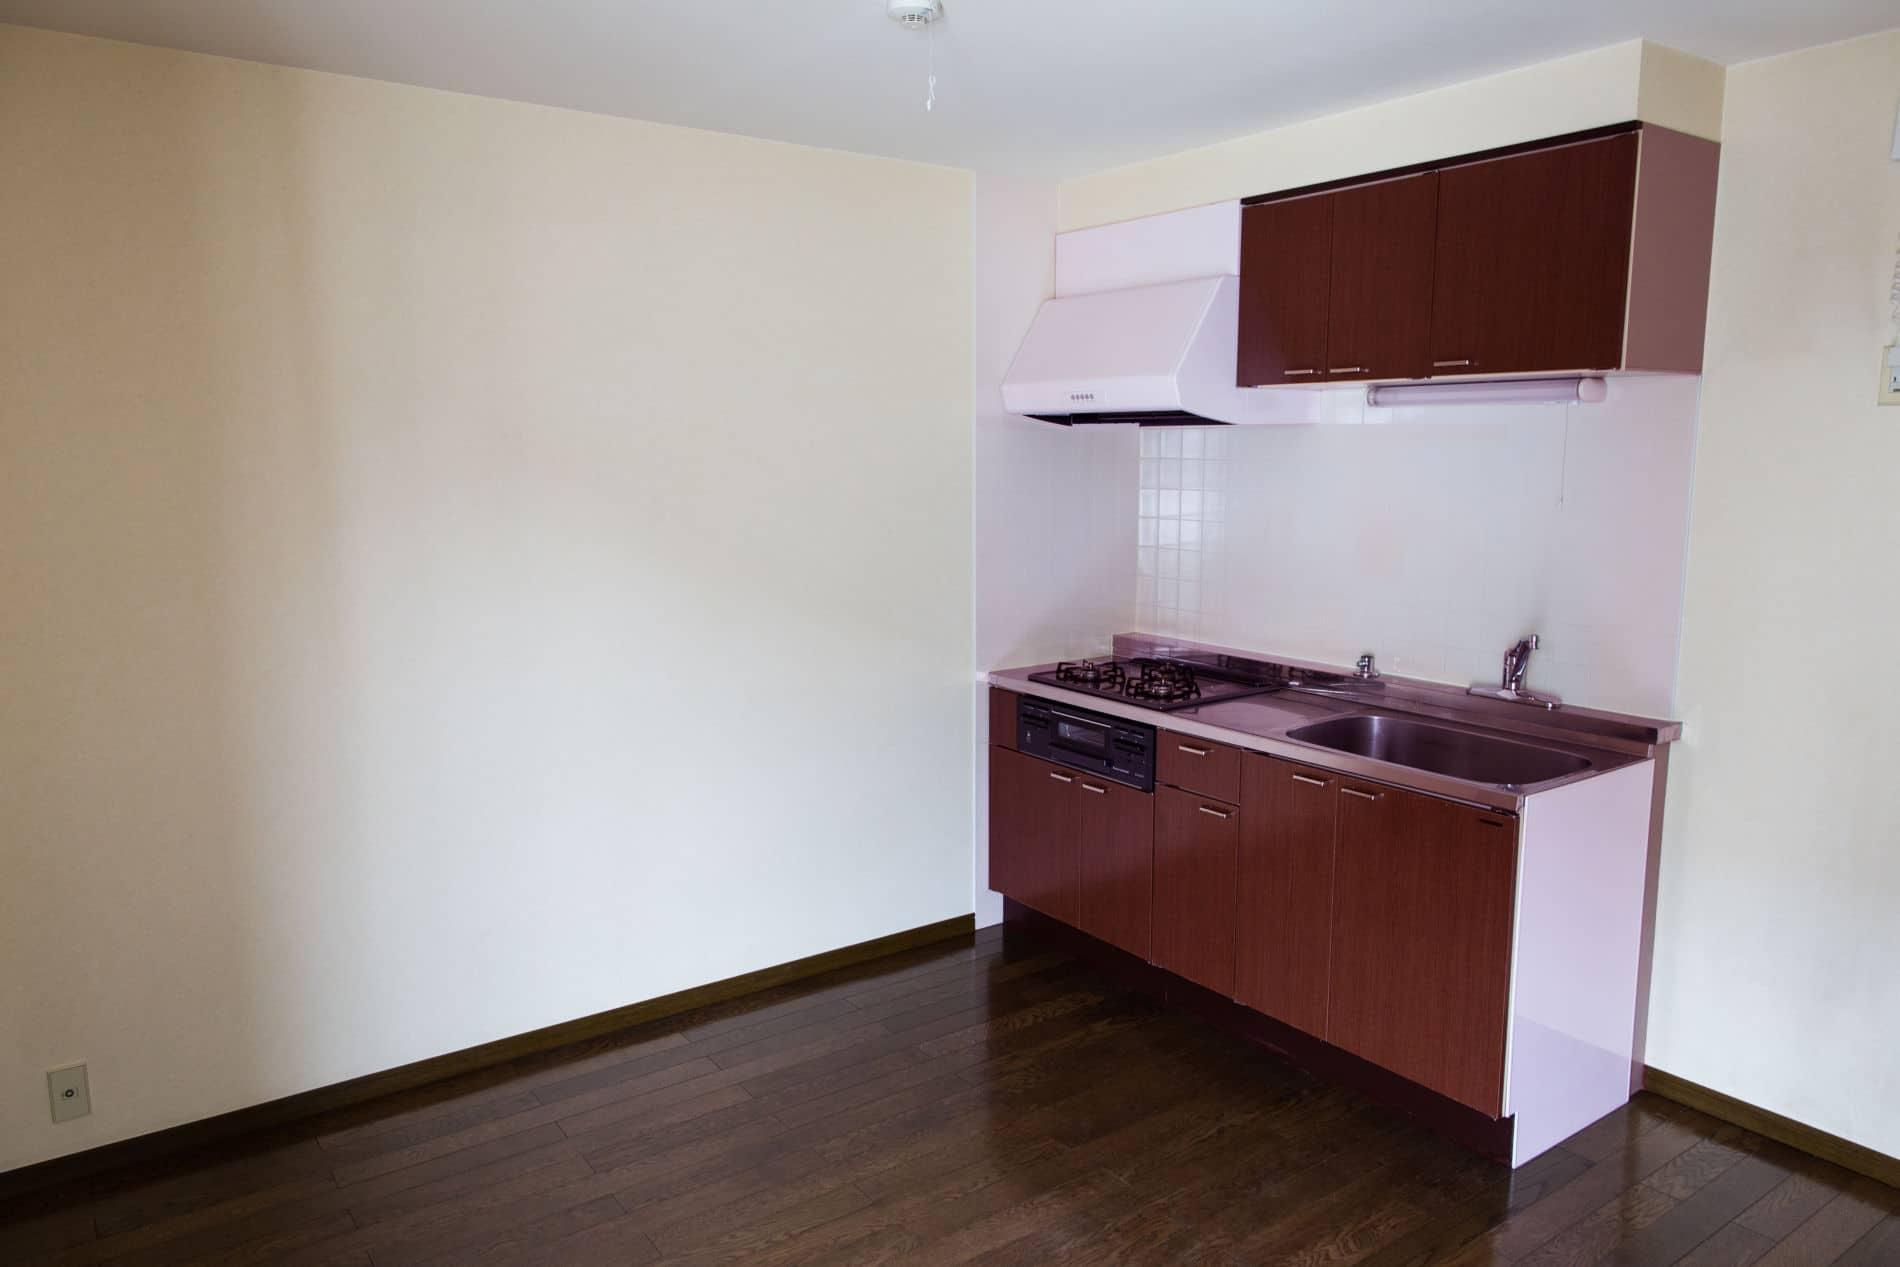 מטבחים מעץ מכירת אביזרים למטבחים בעלי הבחנה מקצועית עם הרבה רצון לספק מטבחים איכותיים שיודעים לספק כל סוגי המטבחים לכל דורש תוך כדי חיבור הכיריים החשמליים ובדיקת תקינותם